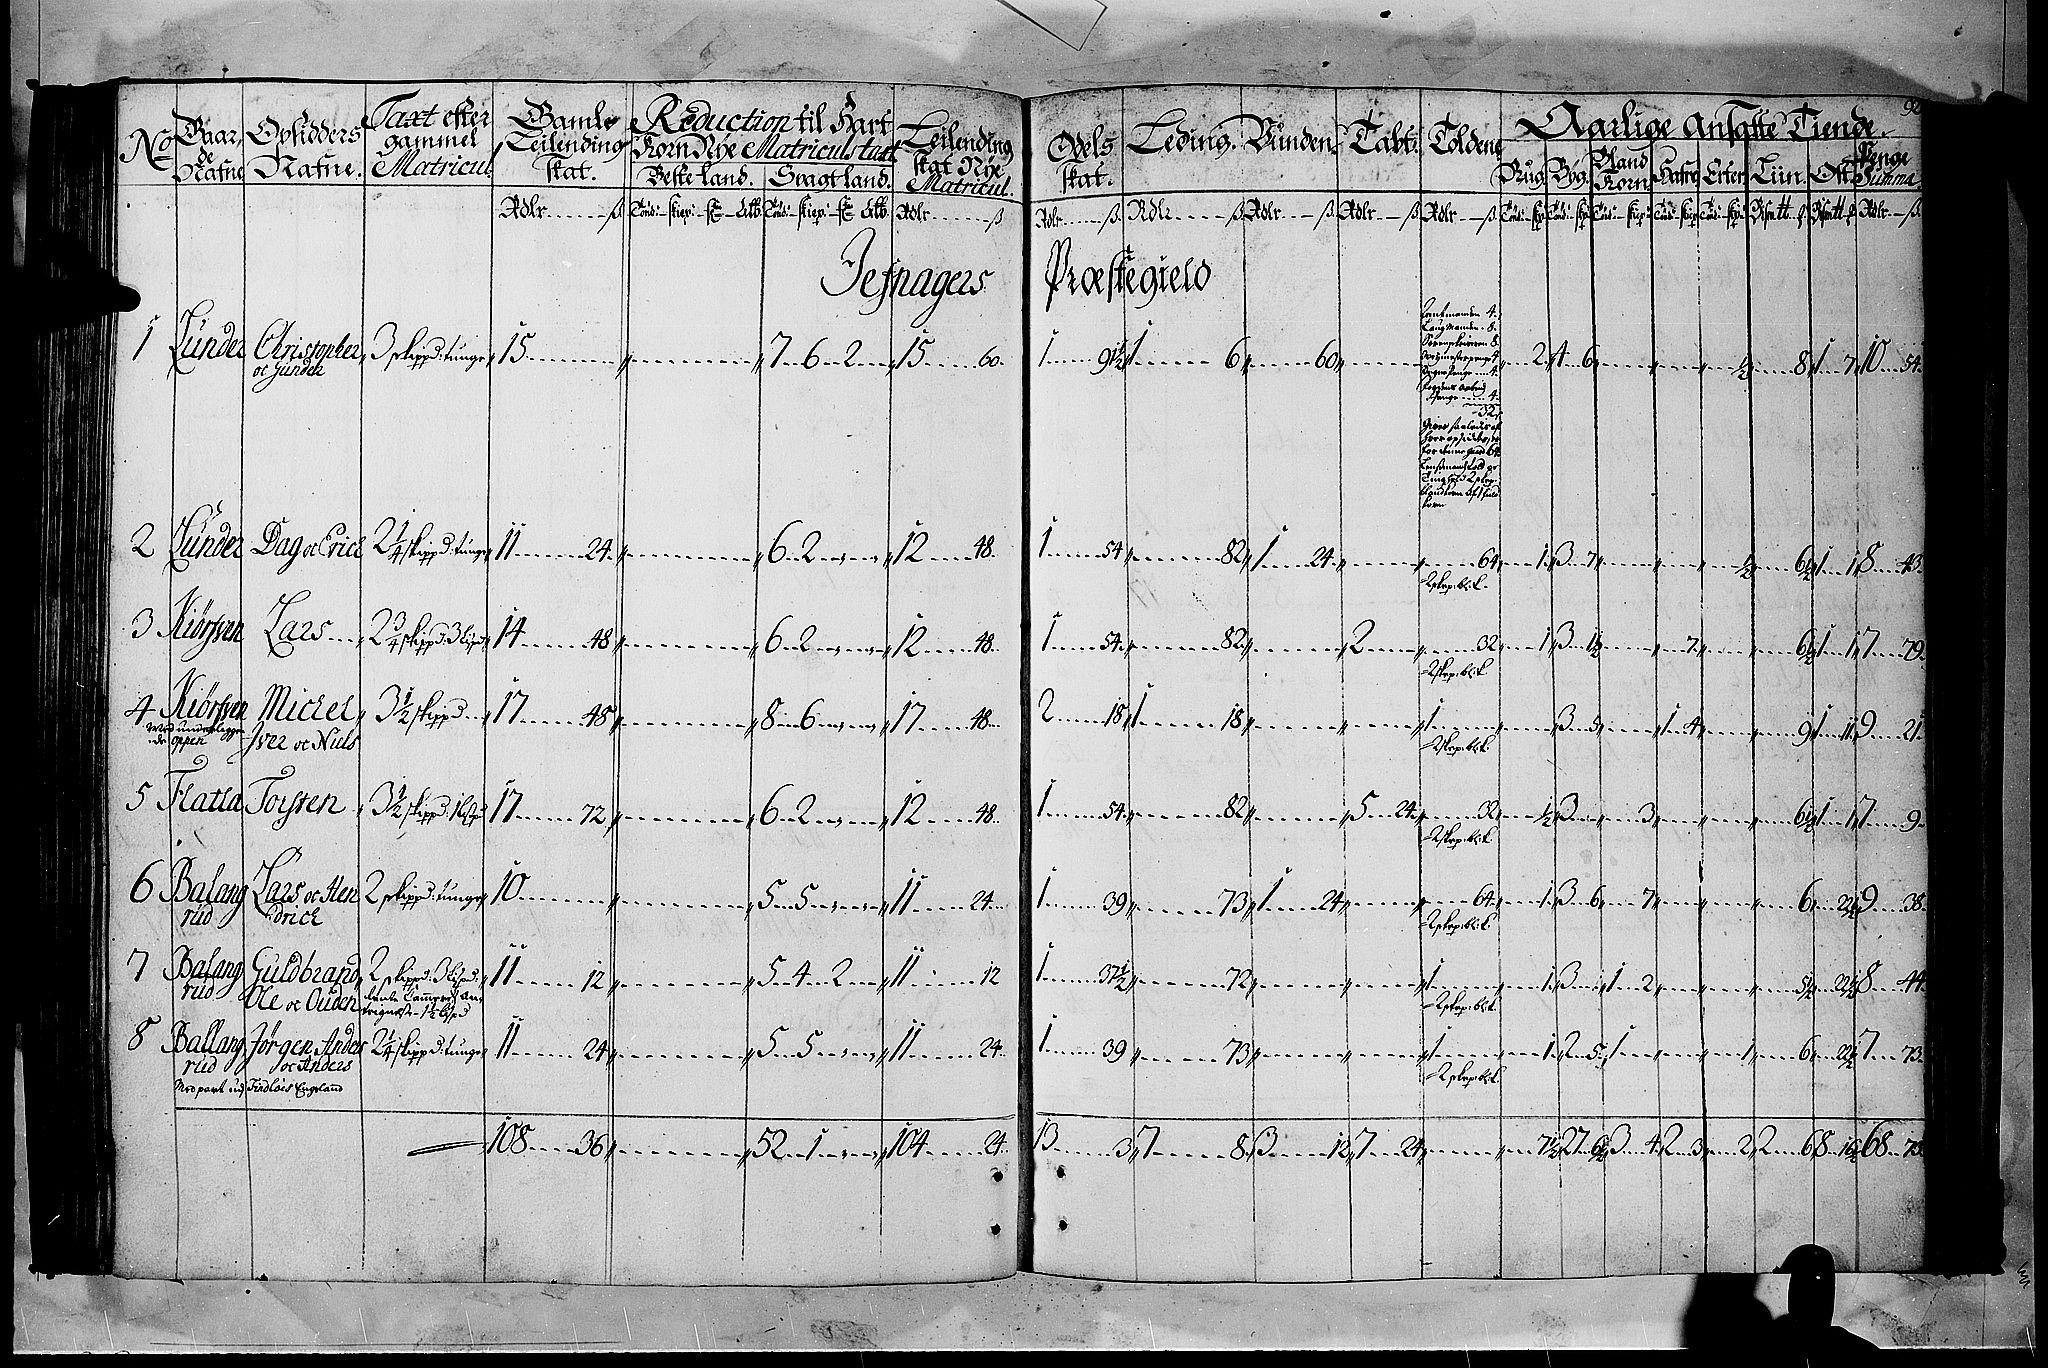 RA, Rentekammeret inntil 1814, Realistisk ordnet avdeling, N/Nb/Nbf/L0105: Hadeland, Toten og Valdres matrikkelprotokoll, 1723, s. 91b-92a